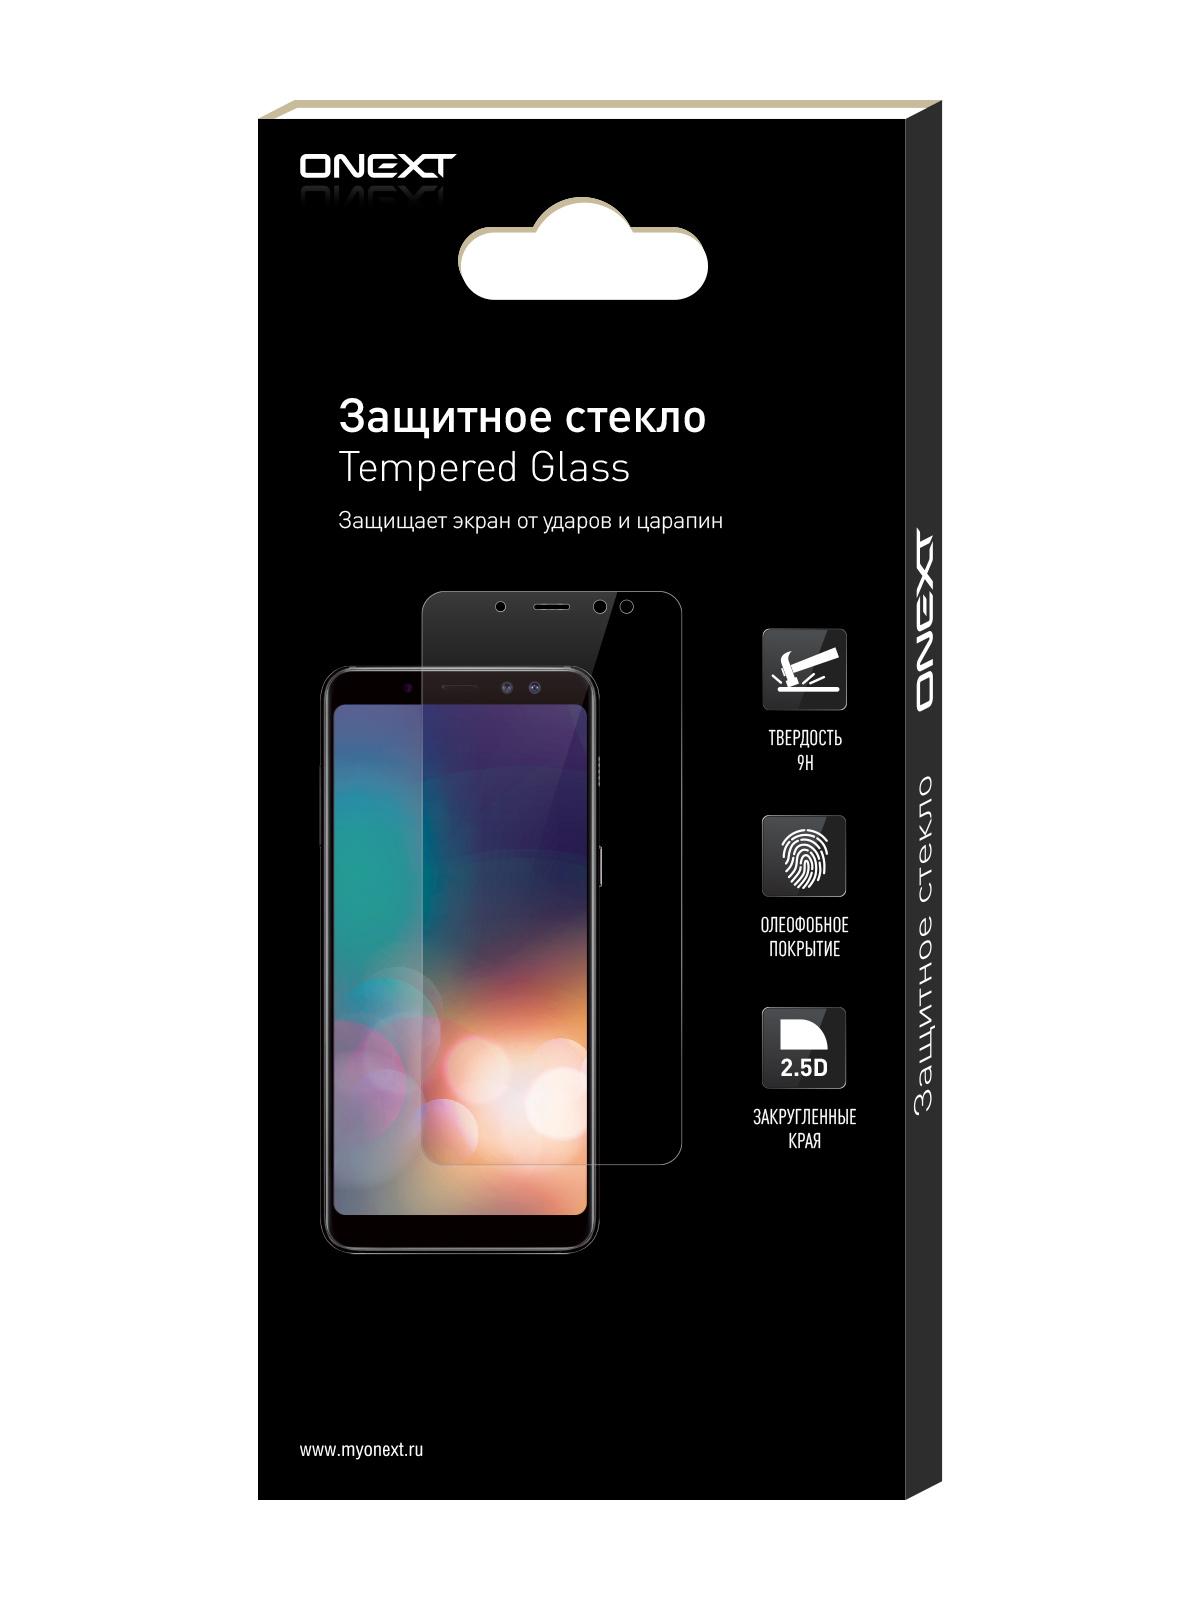 Защитное стекло ONEXT для Apple iPhone 6 Plus/iPhone 6S Plus